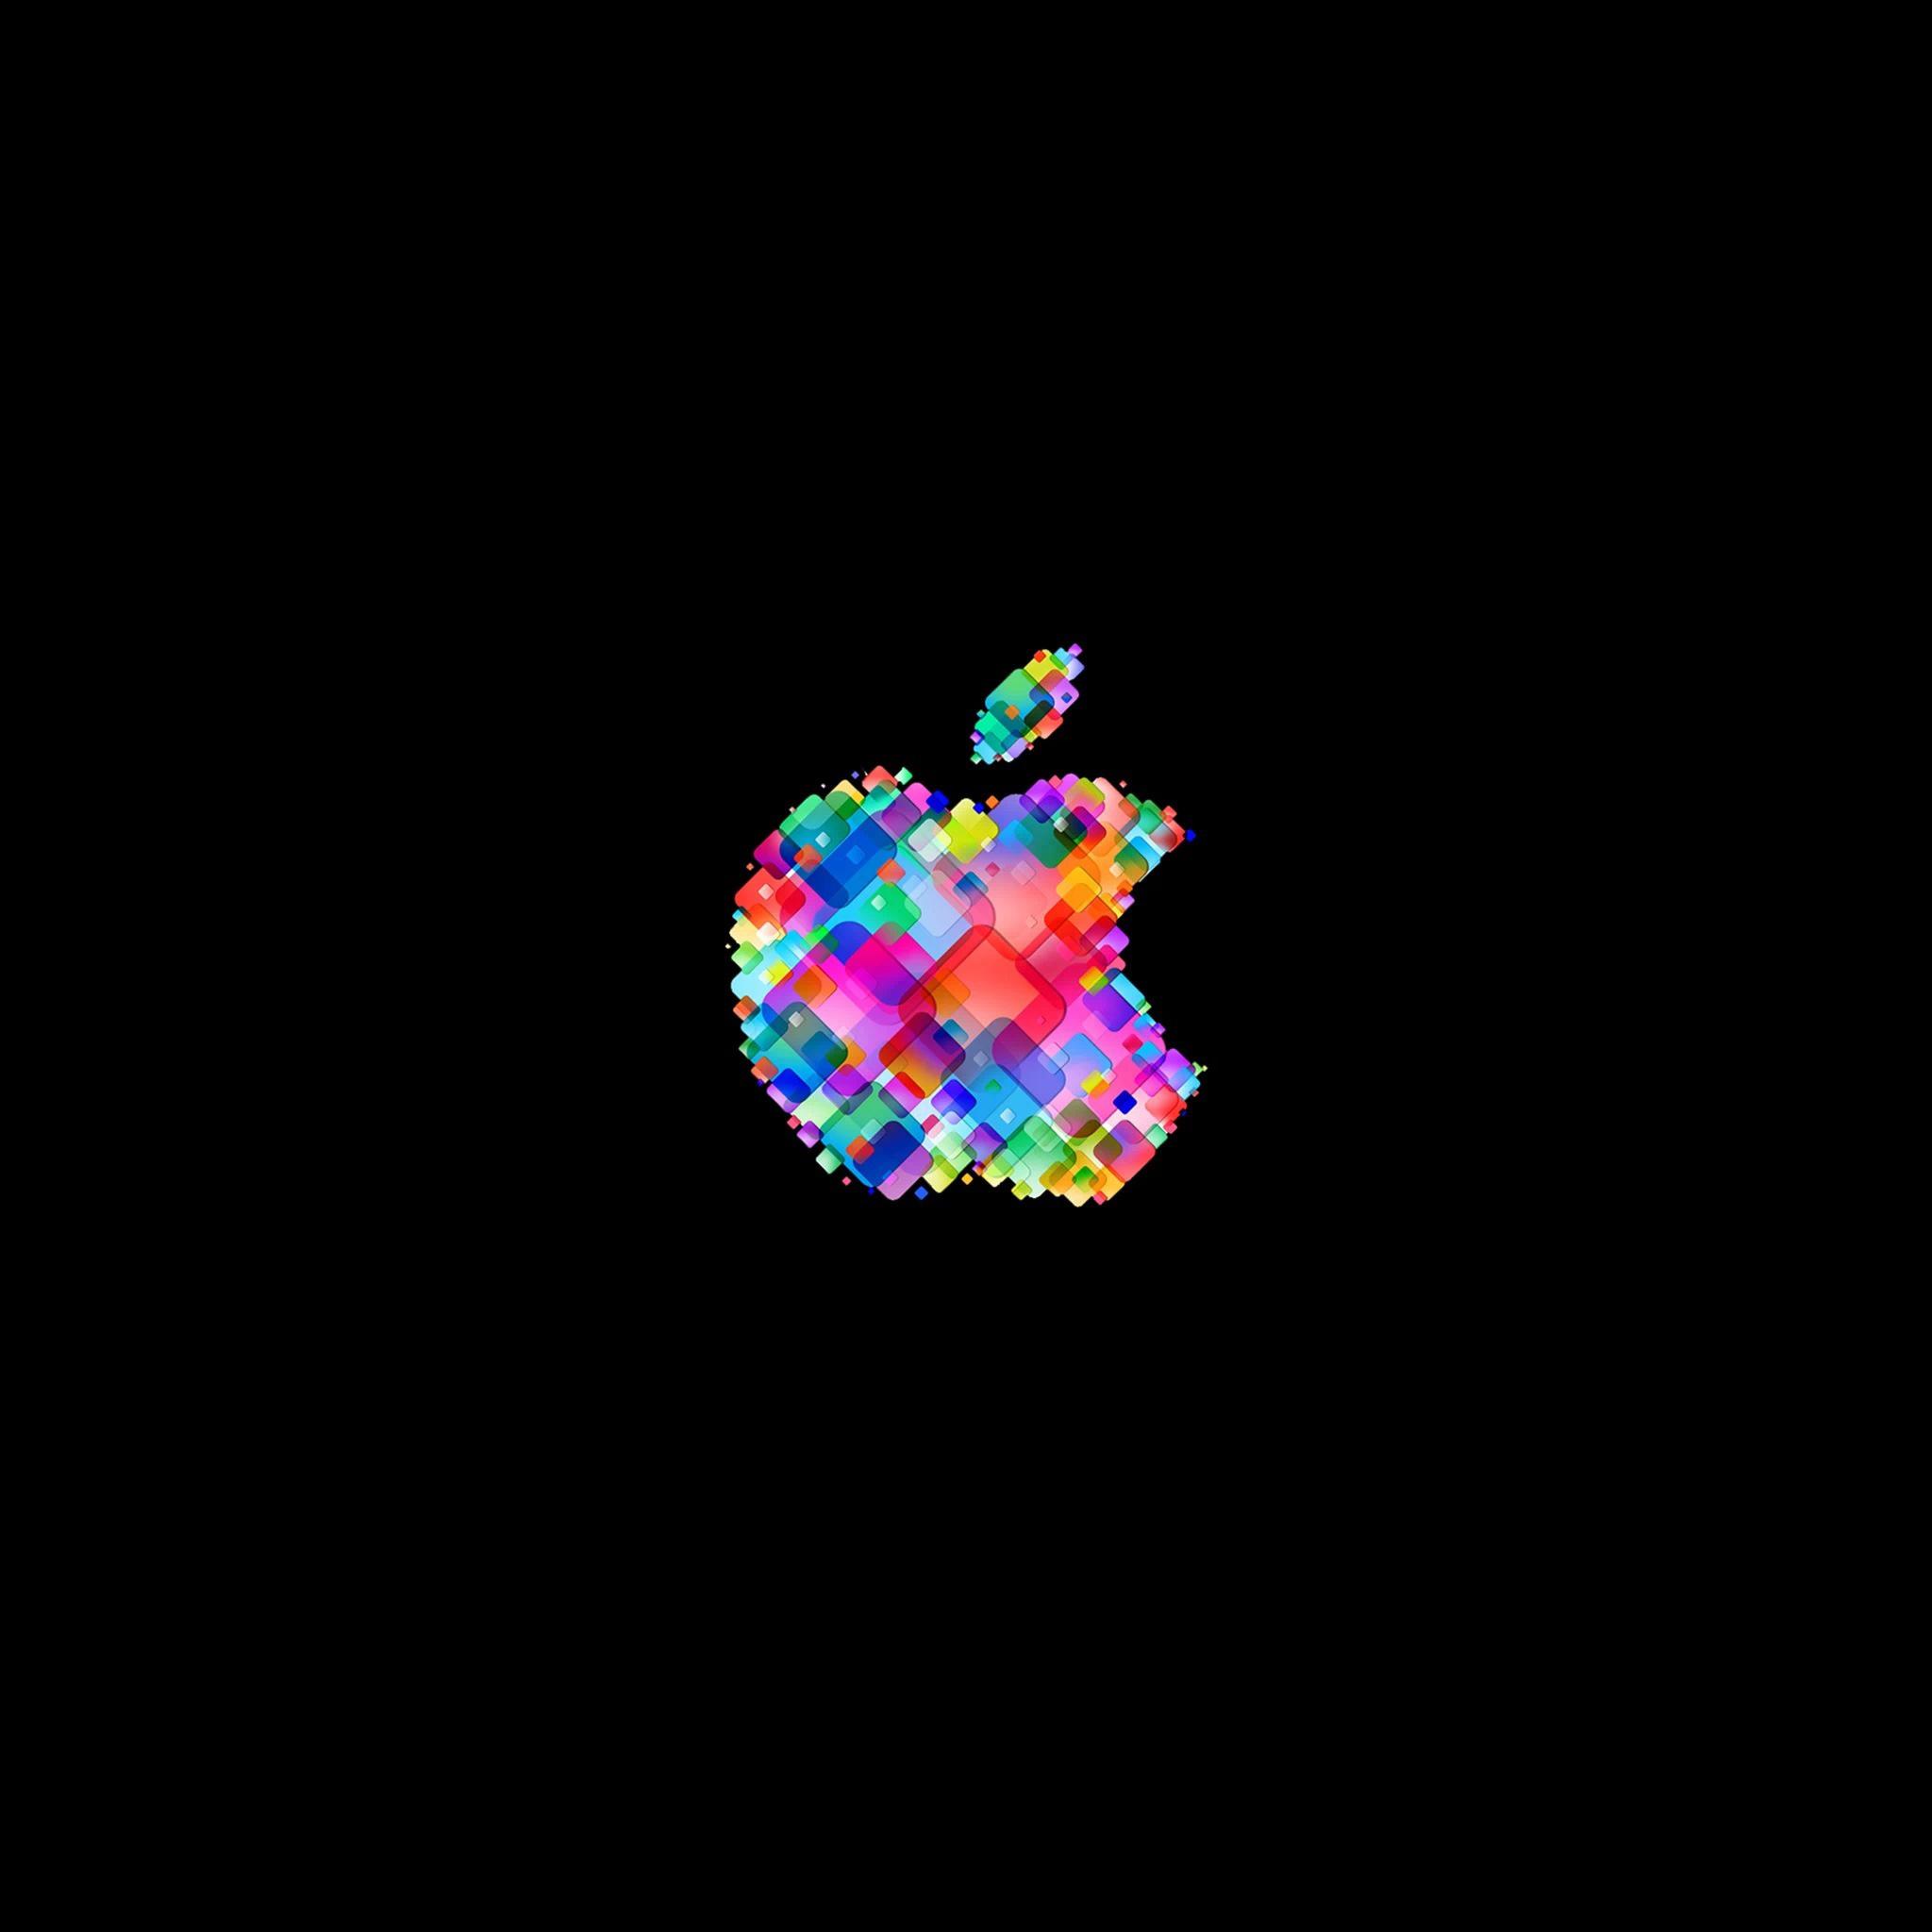 iPad Wallpapers Funky apple logo 3 Apple iPad iPad 2 iPad mini 2048x2048